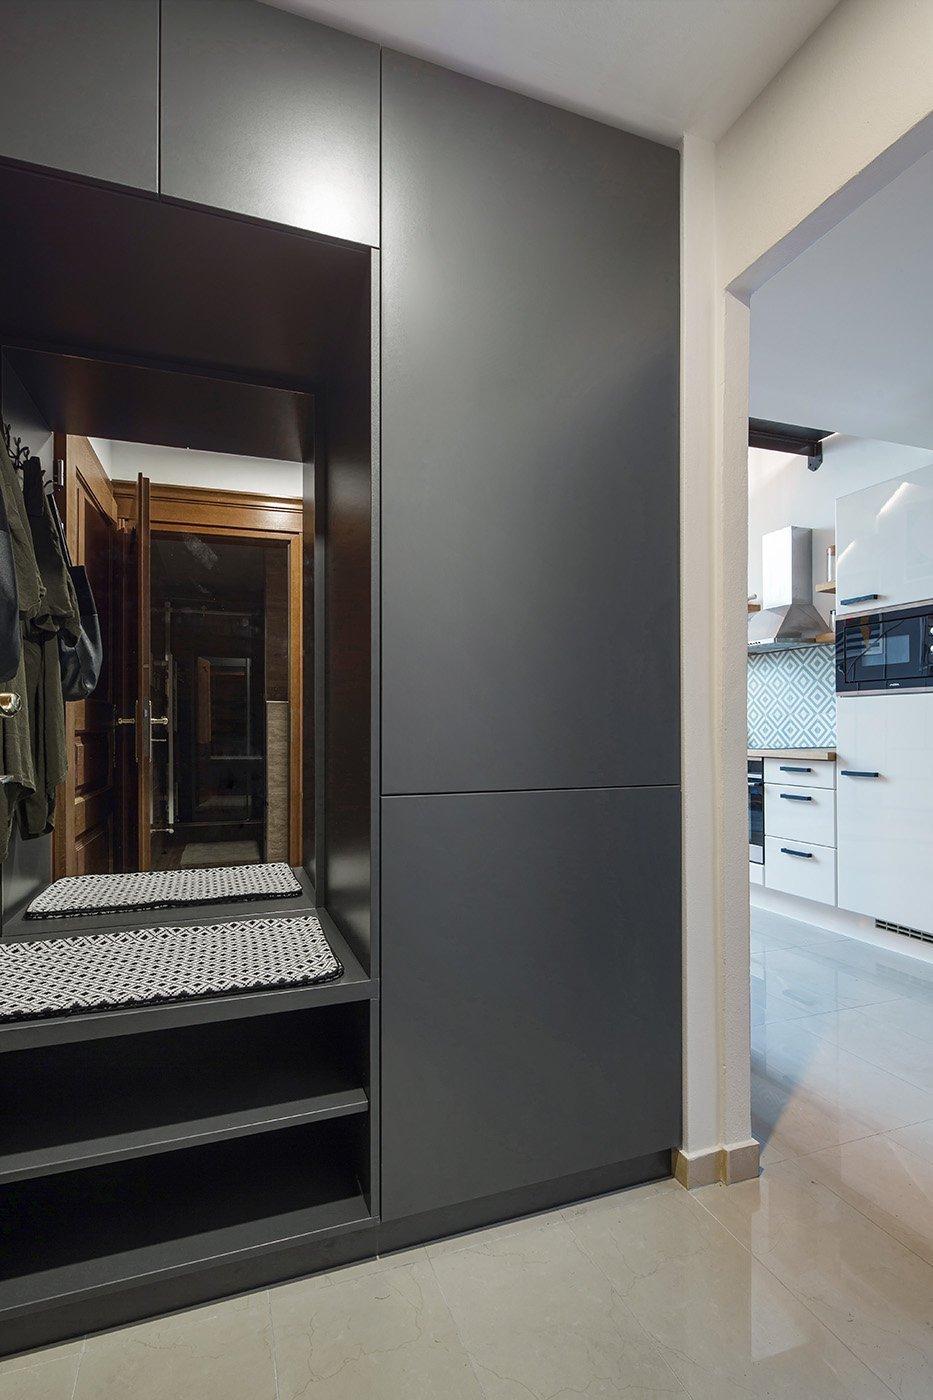 Byt v podkroví secesního domu v Praze je dispozičně řešen jako 2 + kk. Architektka výrazně neměnila původní dispozici - nakonec, při dvoupatrovém bytě s těmito…